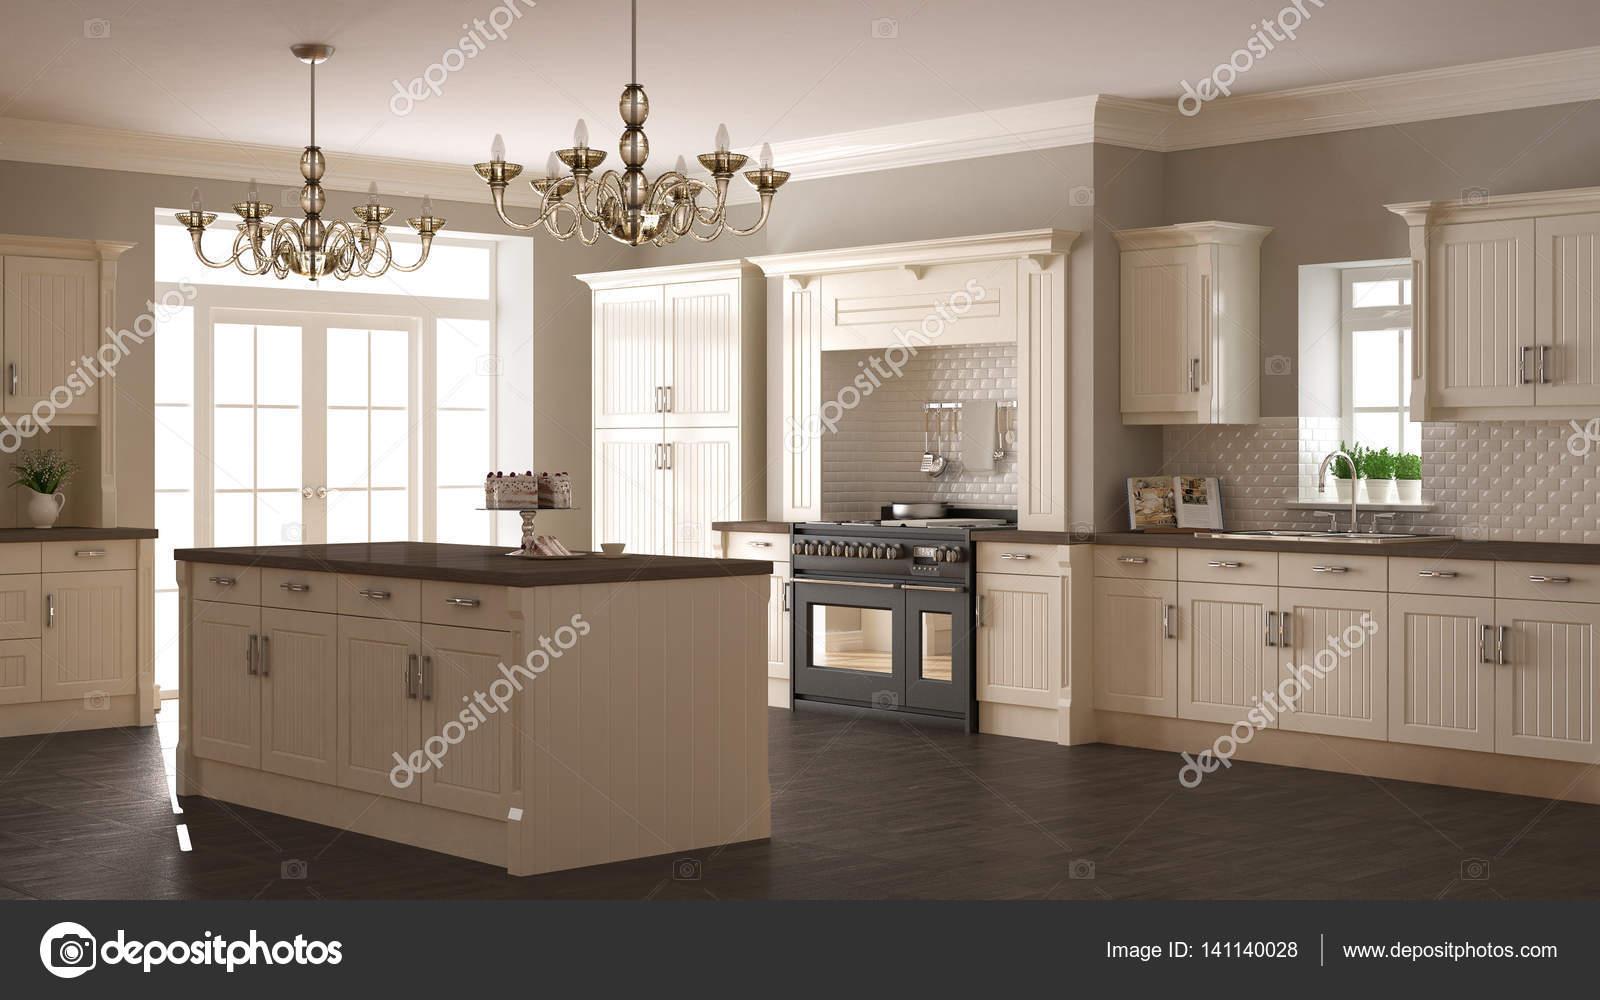 Klassieke keuken scandinavische minimale interieur met woode